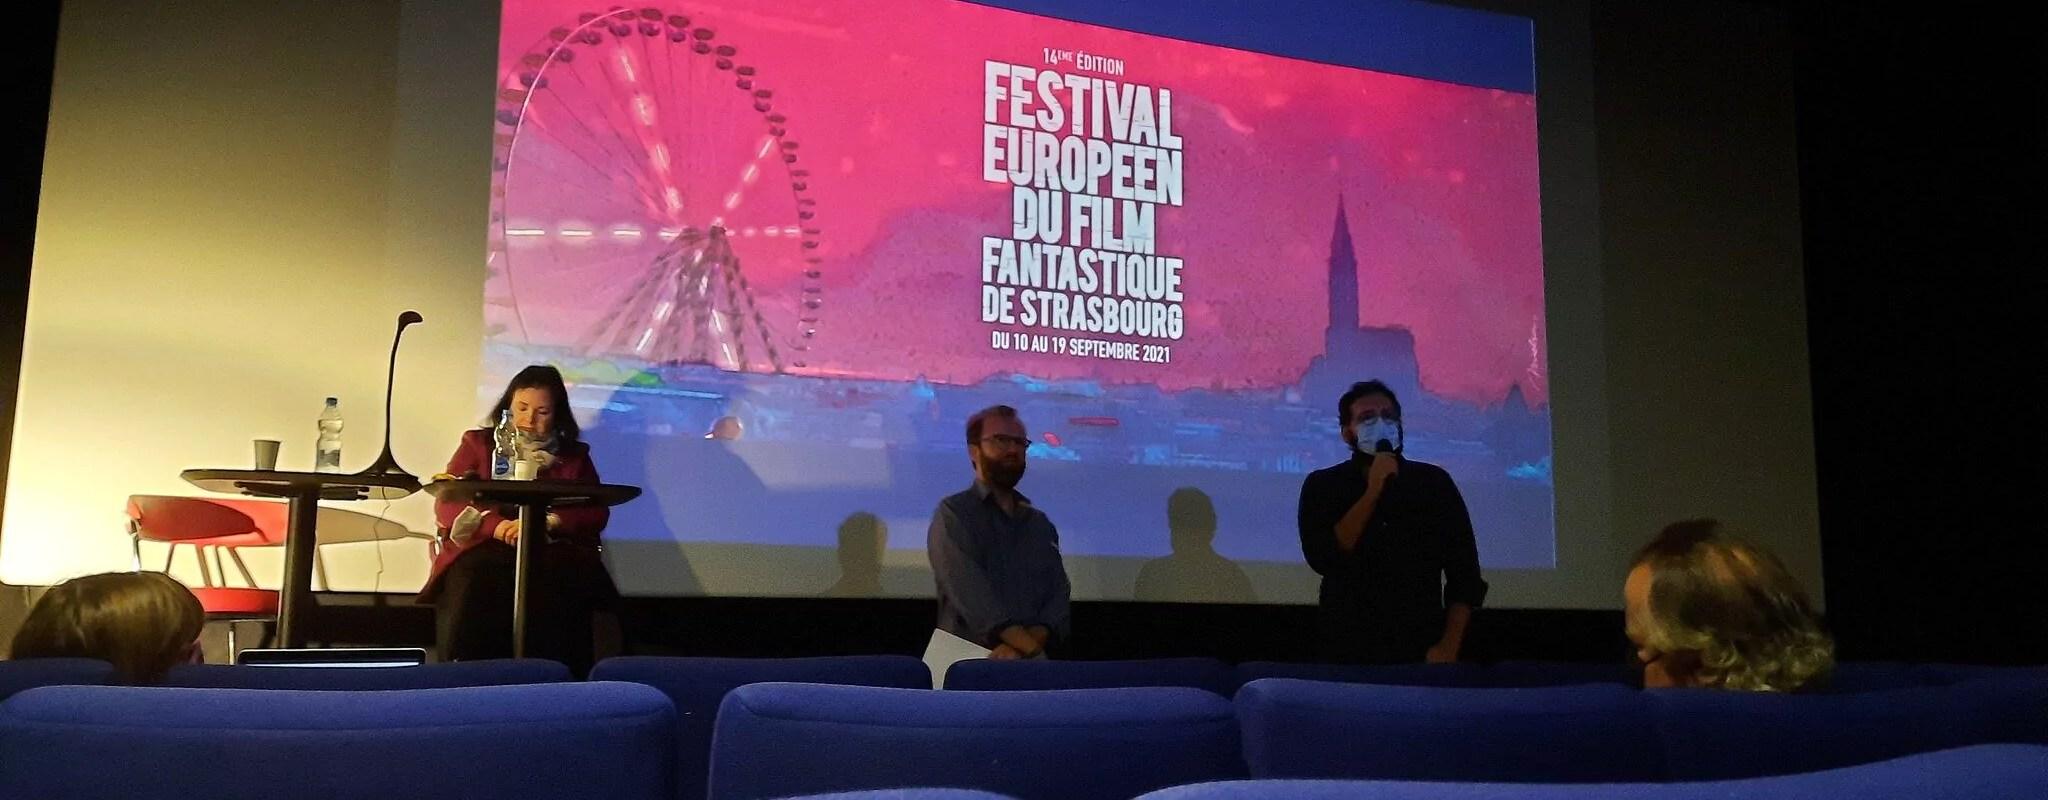 Des places à gagner pour le Festival du film fantastique de Strasbourg